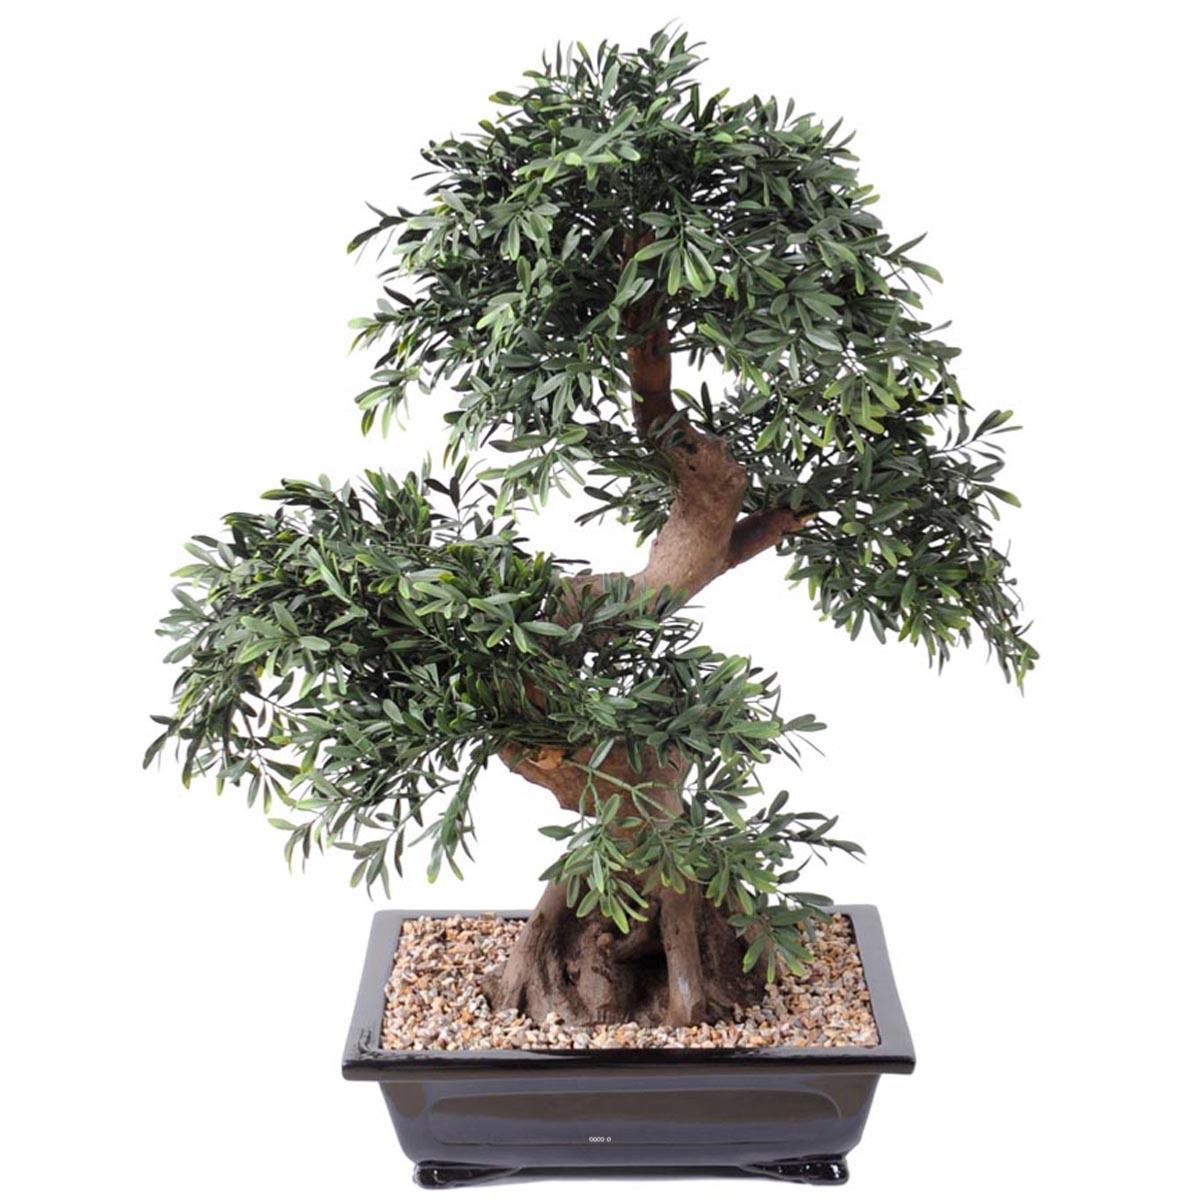 bonsai saule noir artificiel h 70 cm d 60 cm en pot